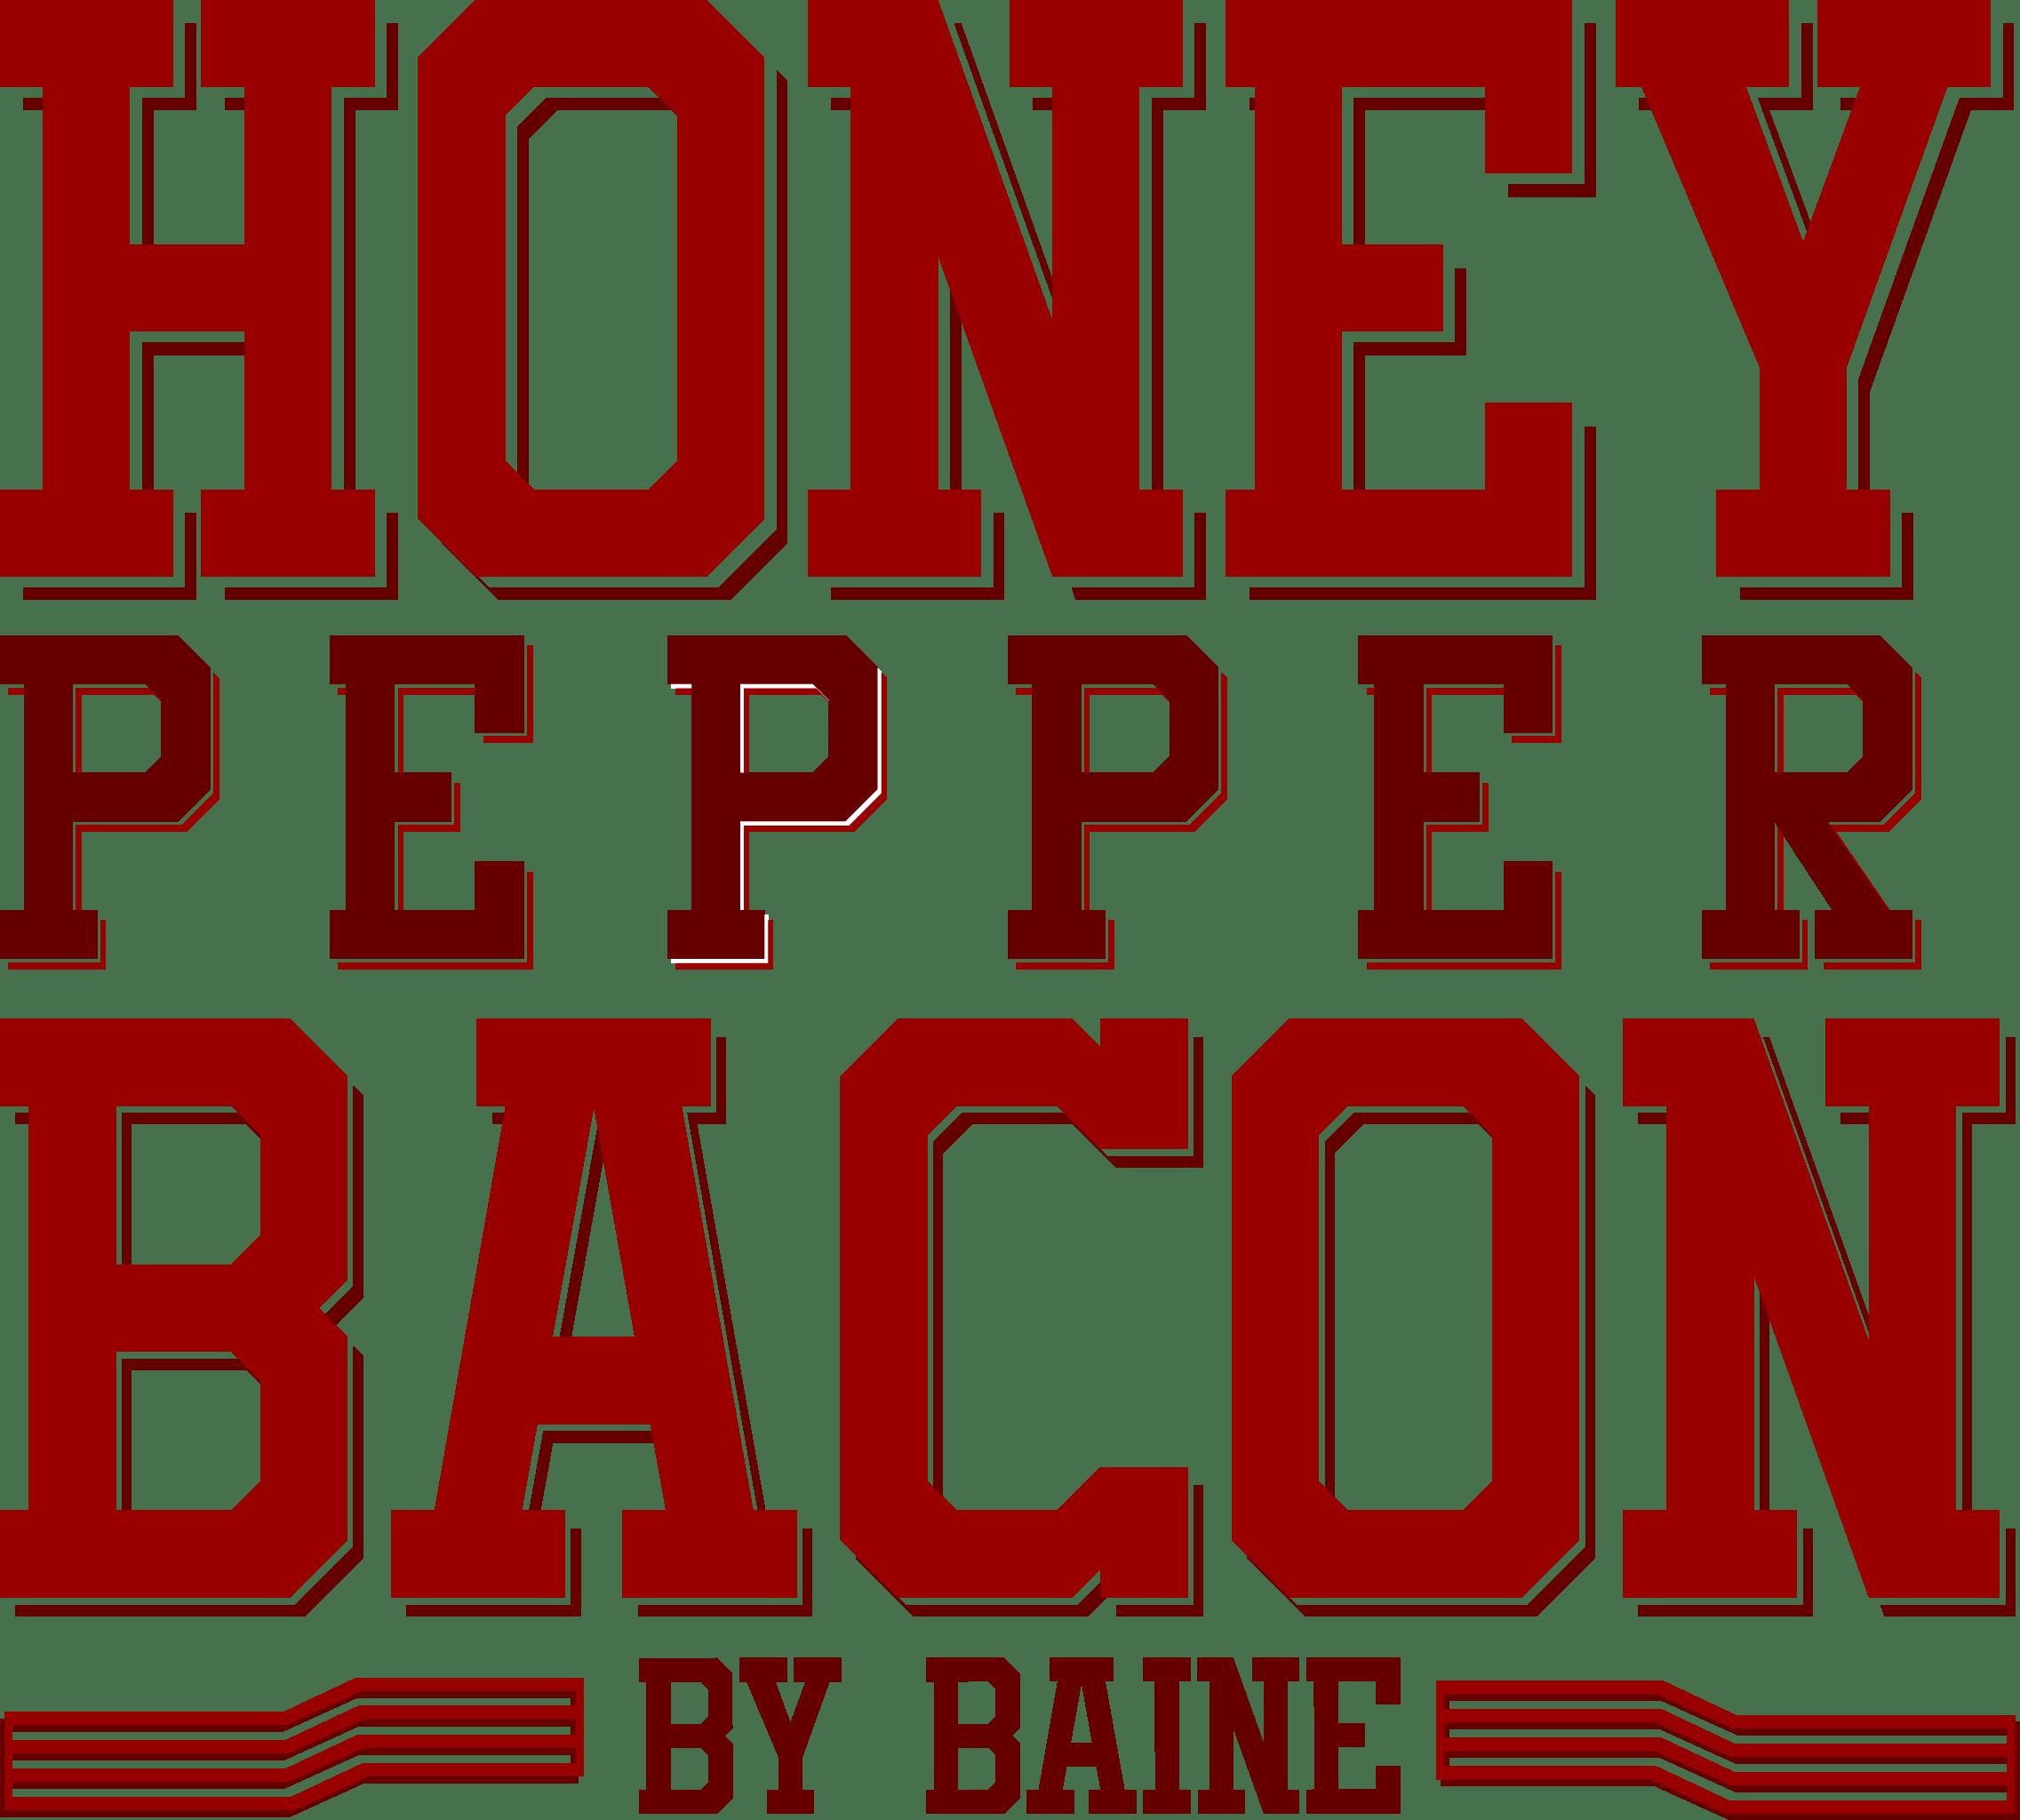 Honey Pepper Bacon